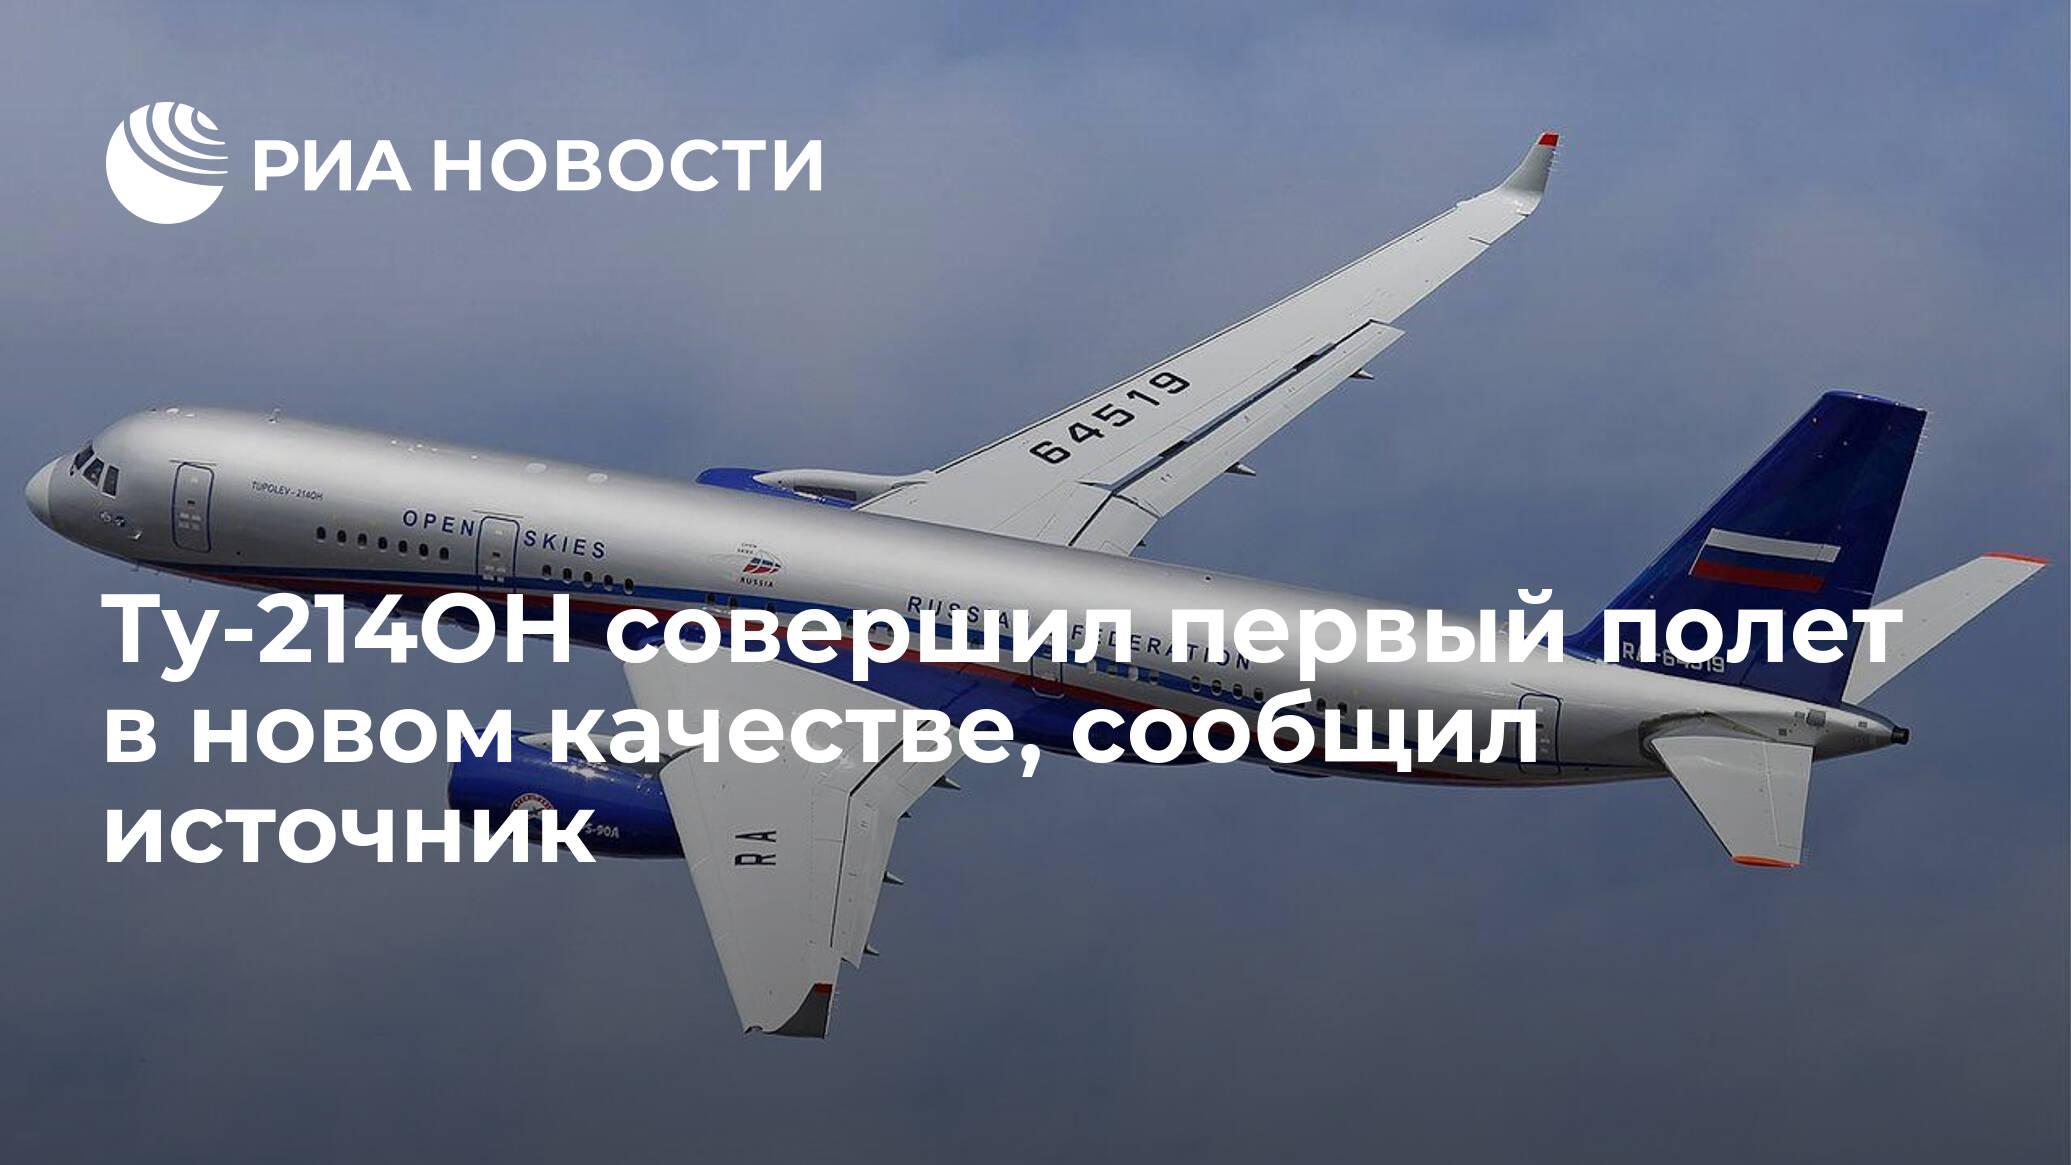 Ту-214ОН совершил первый полет в новом качестве, сообщил источник